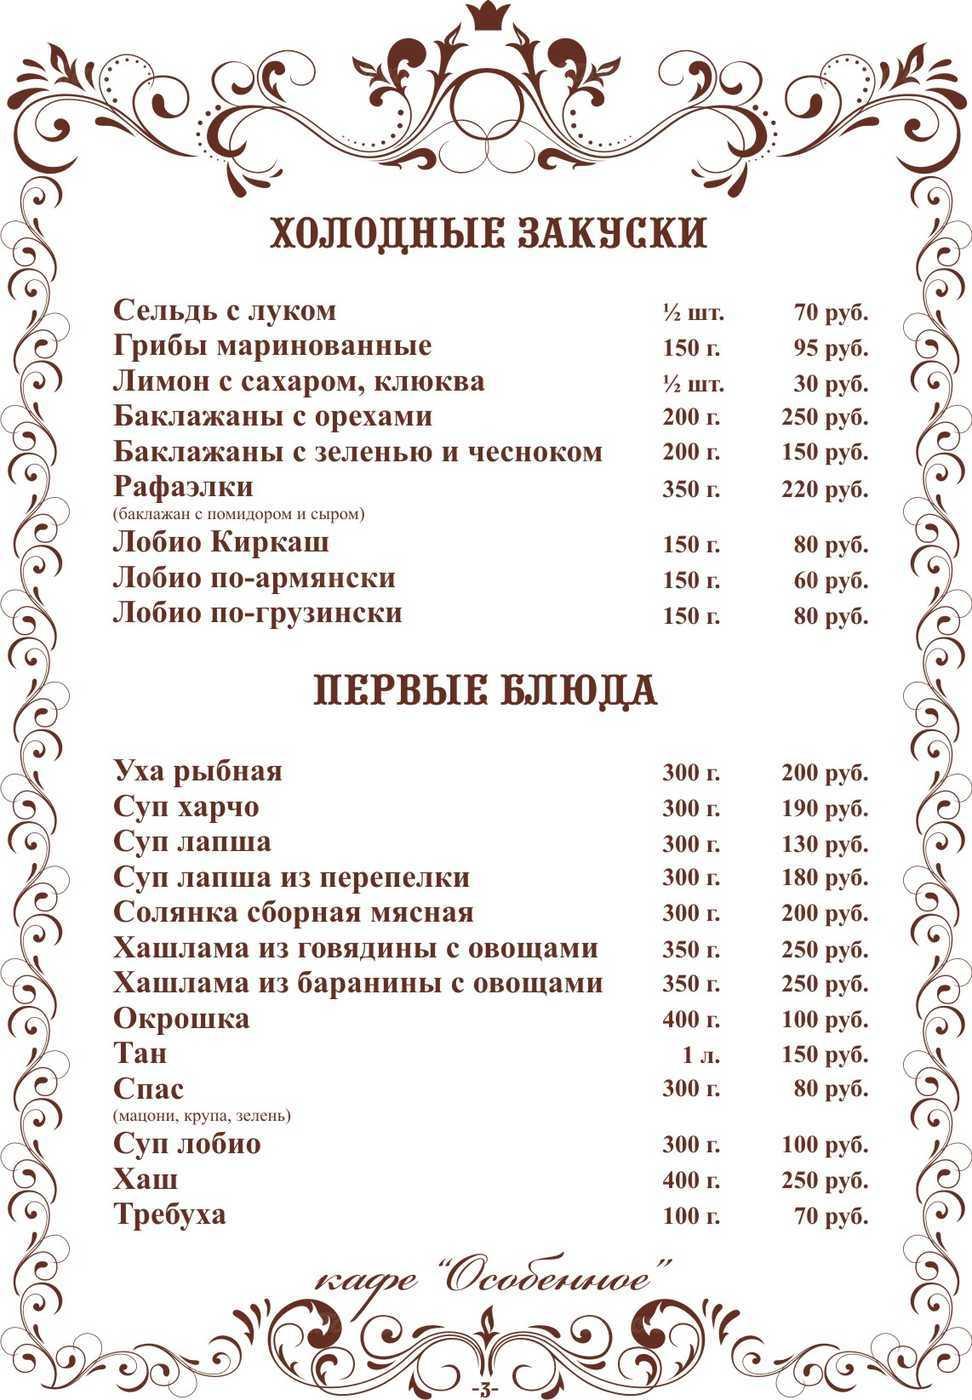 Меню кафе, ресторана Особенное в Особенной